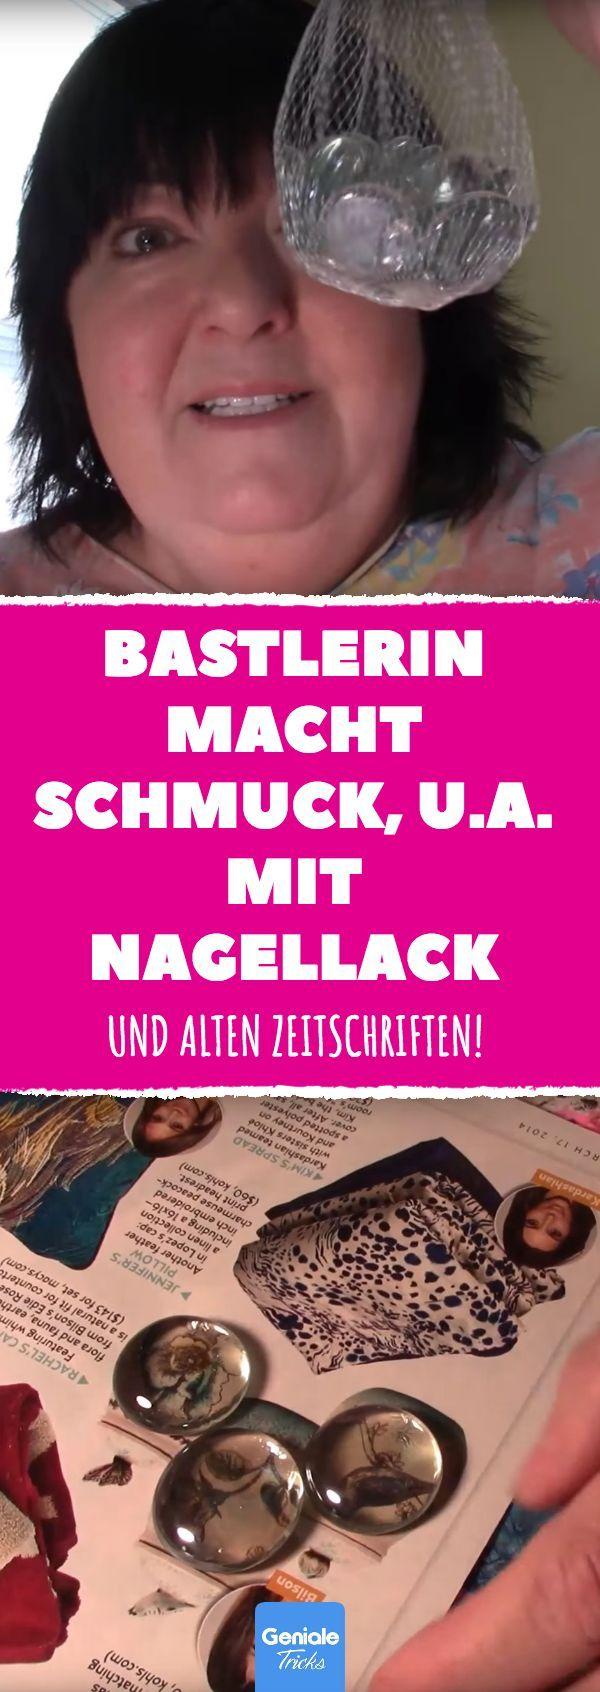 Bastlerin macht Schmuck, u.a. mit Nagellack und alten Zeitschriften! #diy #schmu